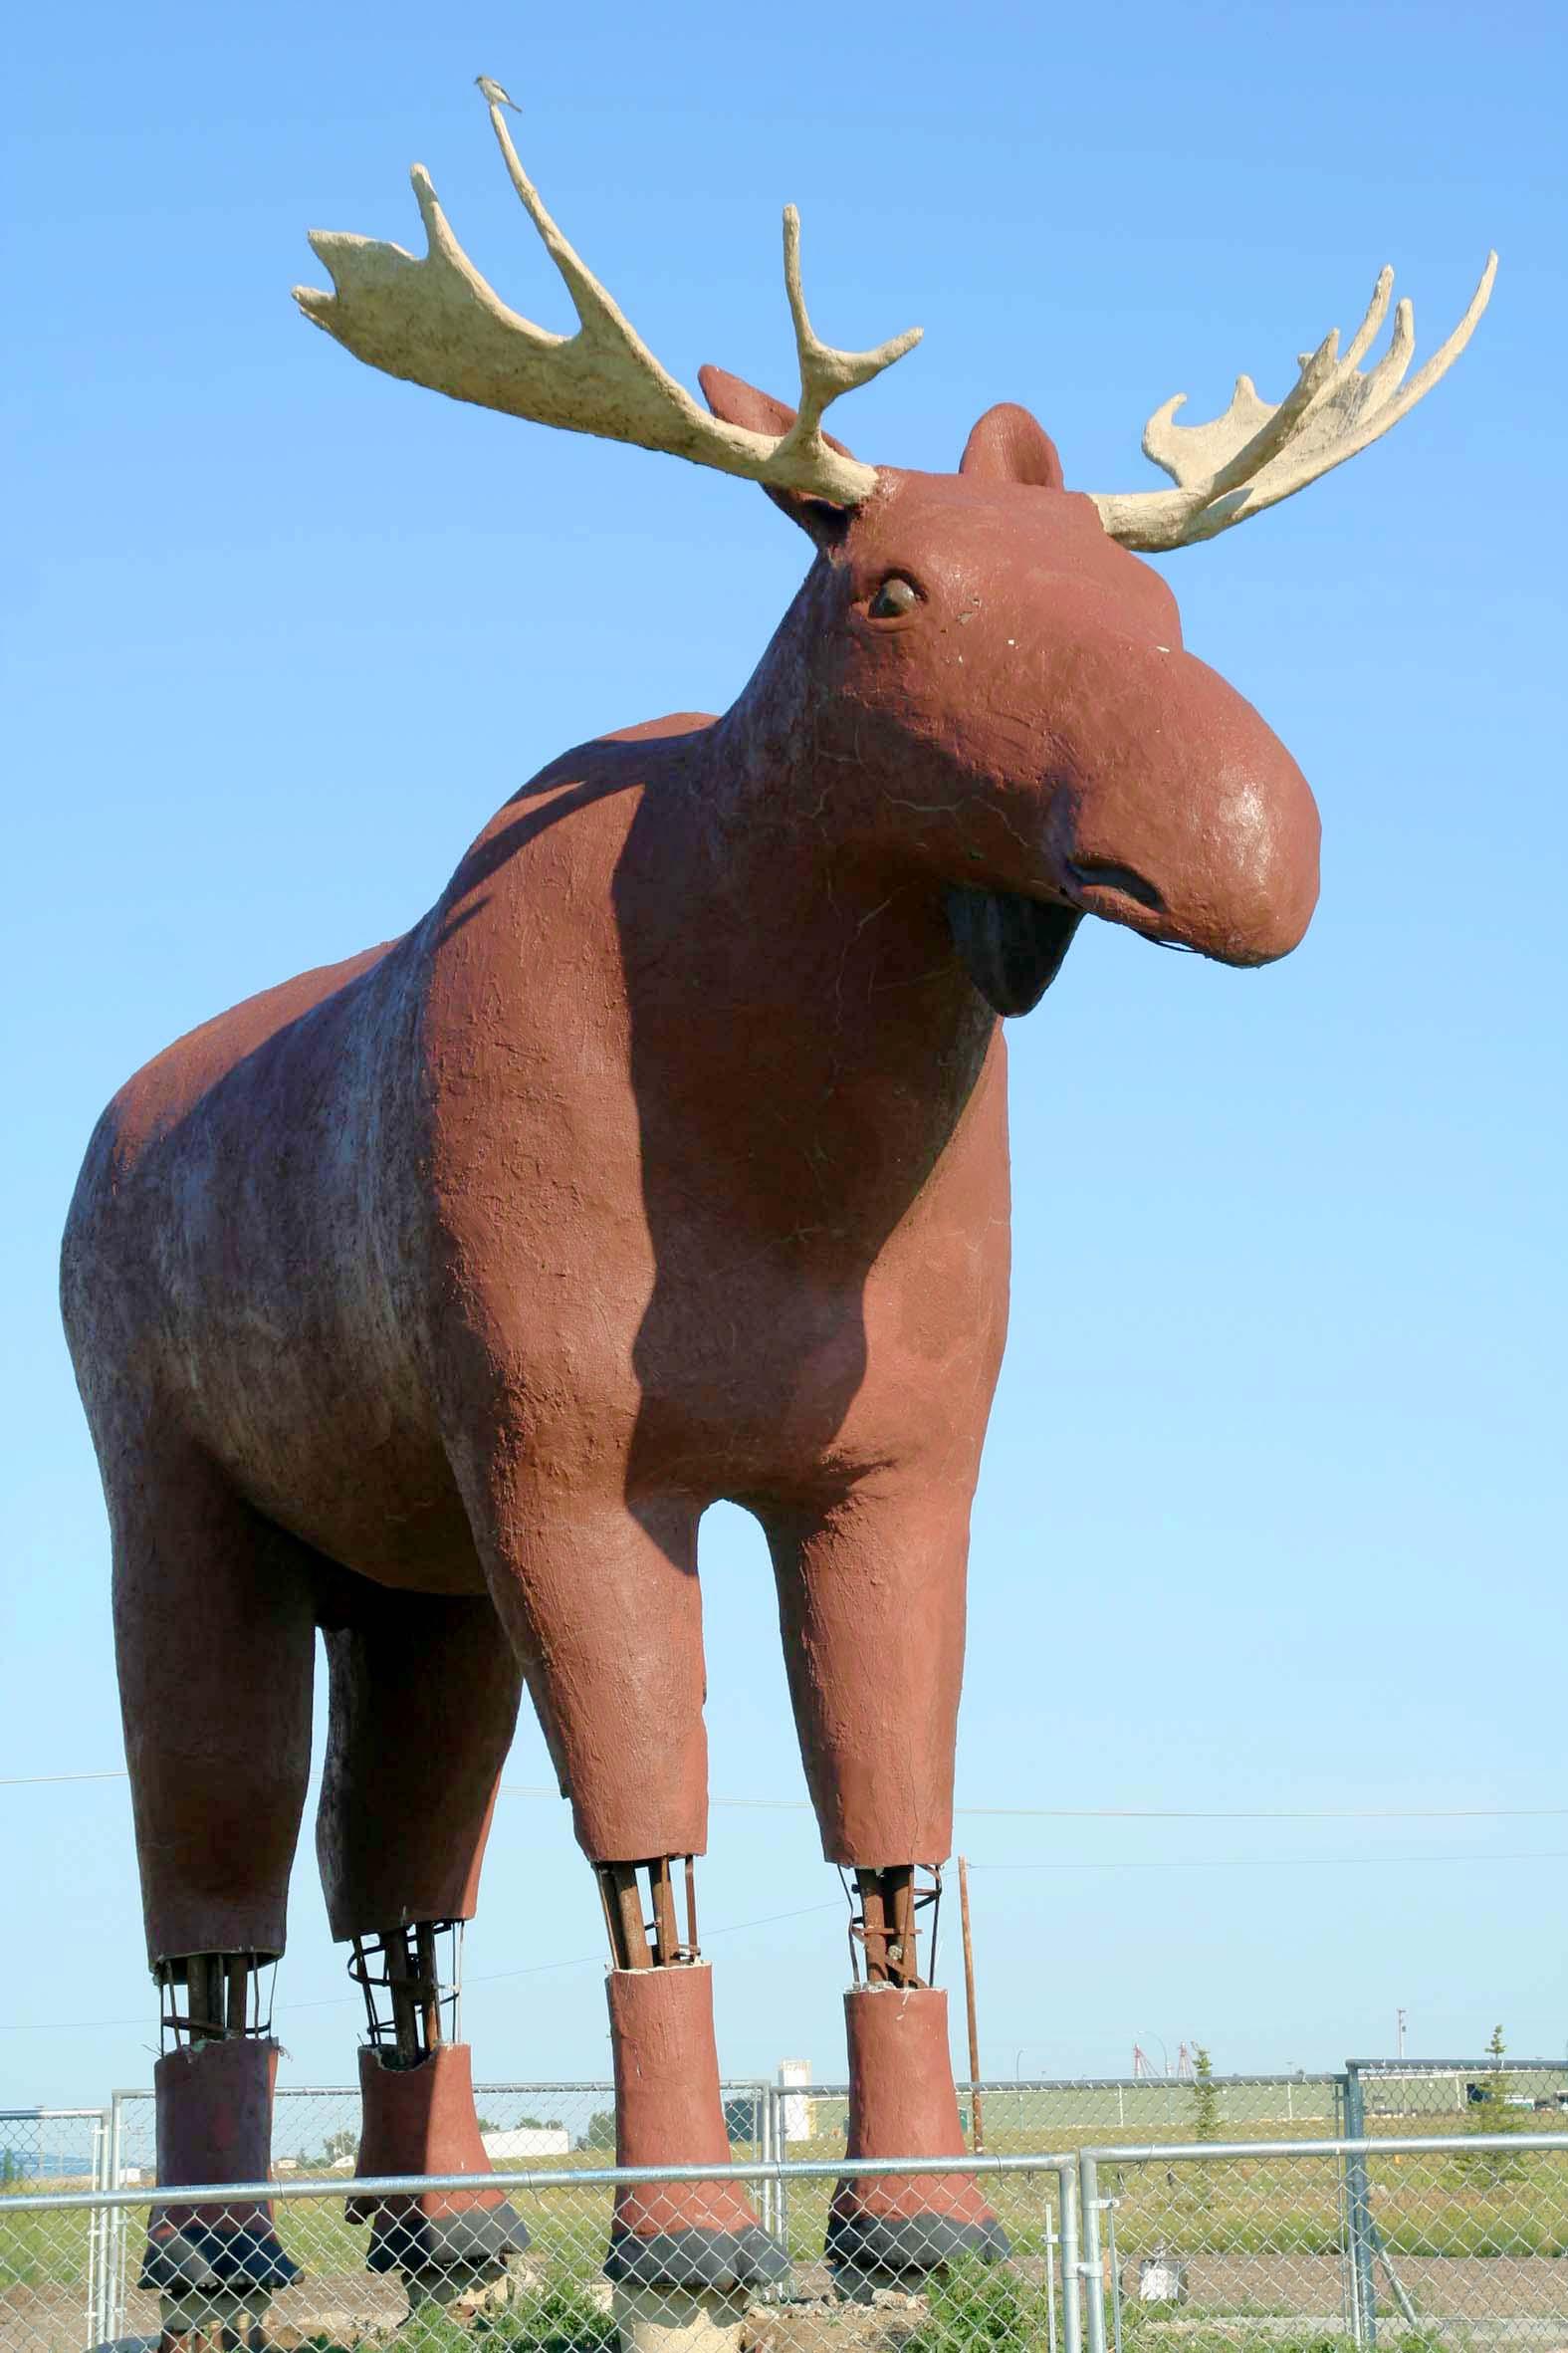 manitoba moose wilderness jersey